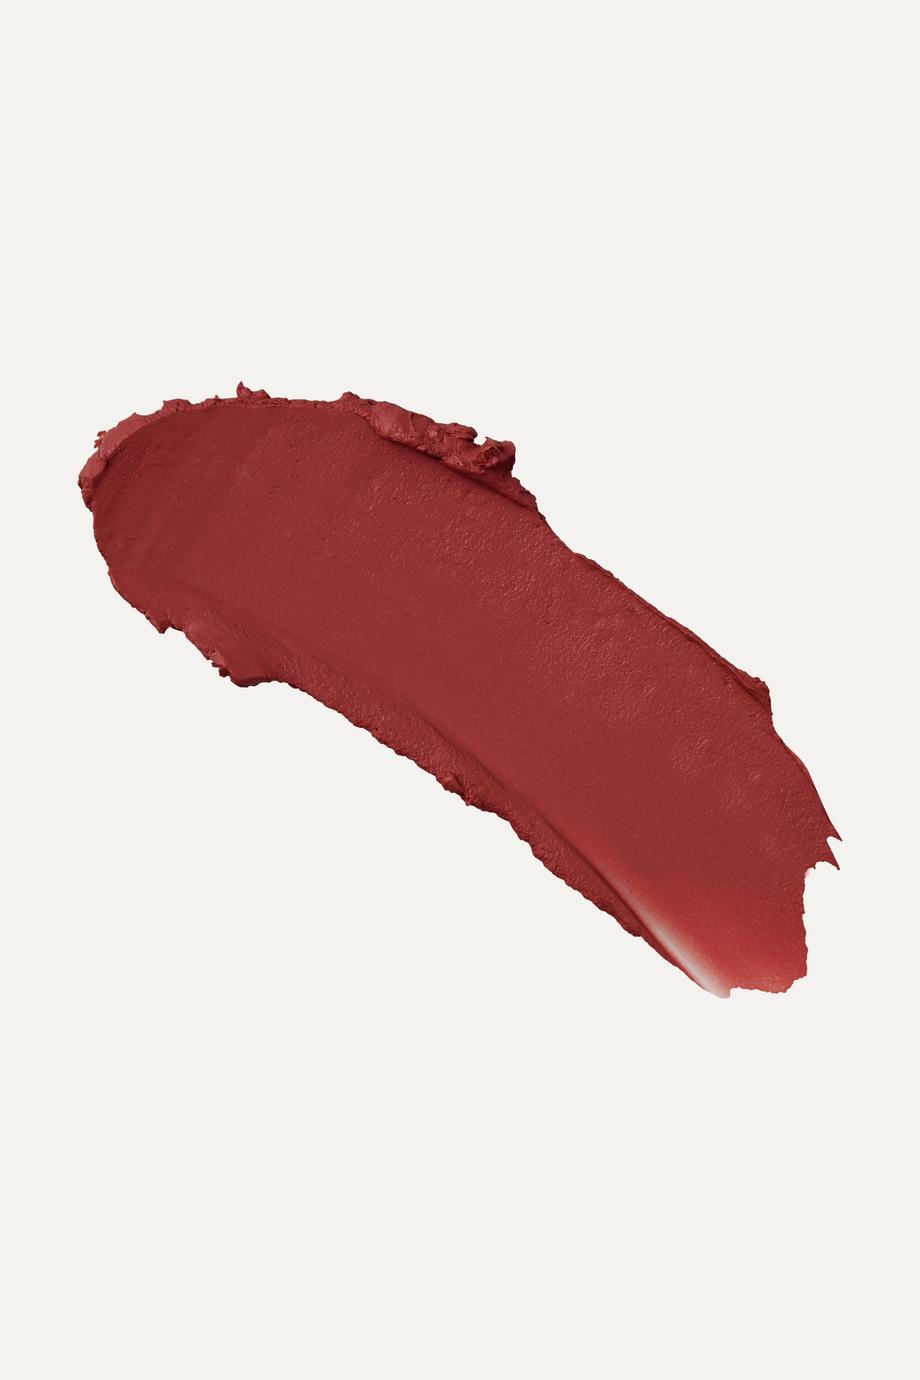 Charlotte Tilbury Hollywood Lips Matte Contour Liquid Lipstick – Dangerous Liaison